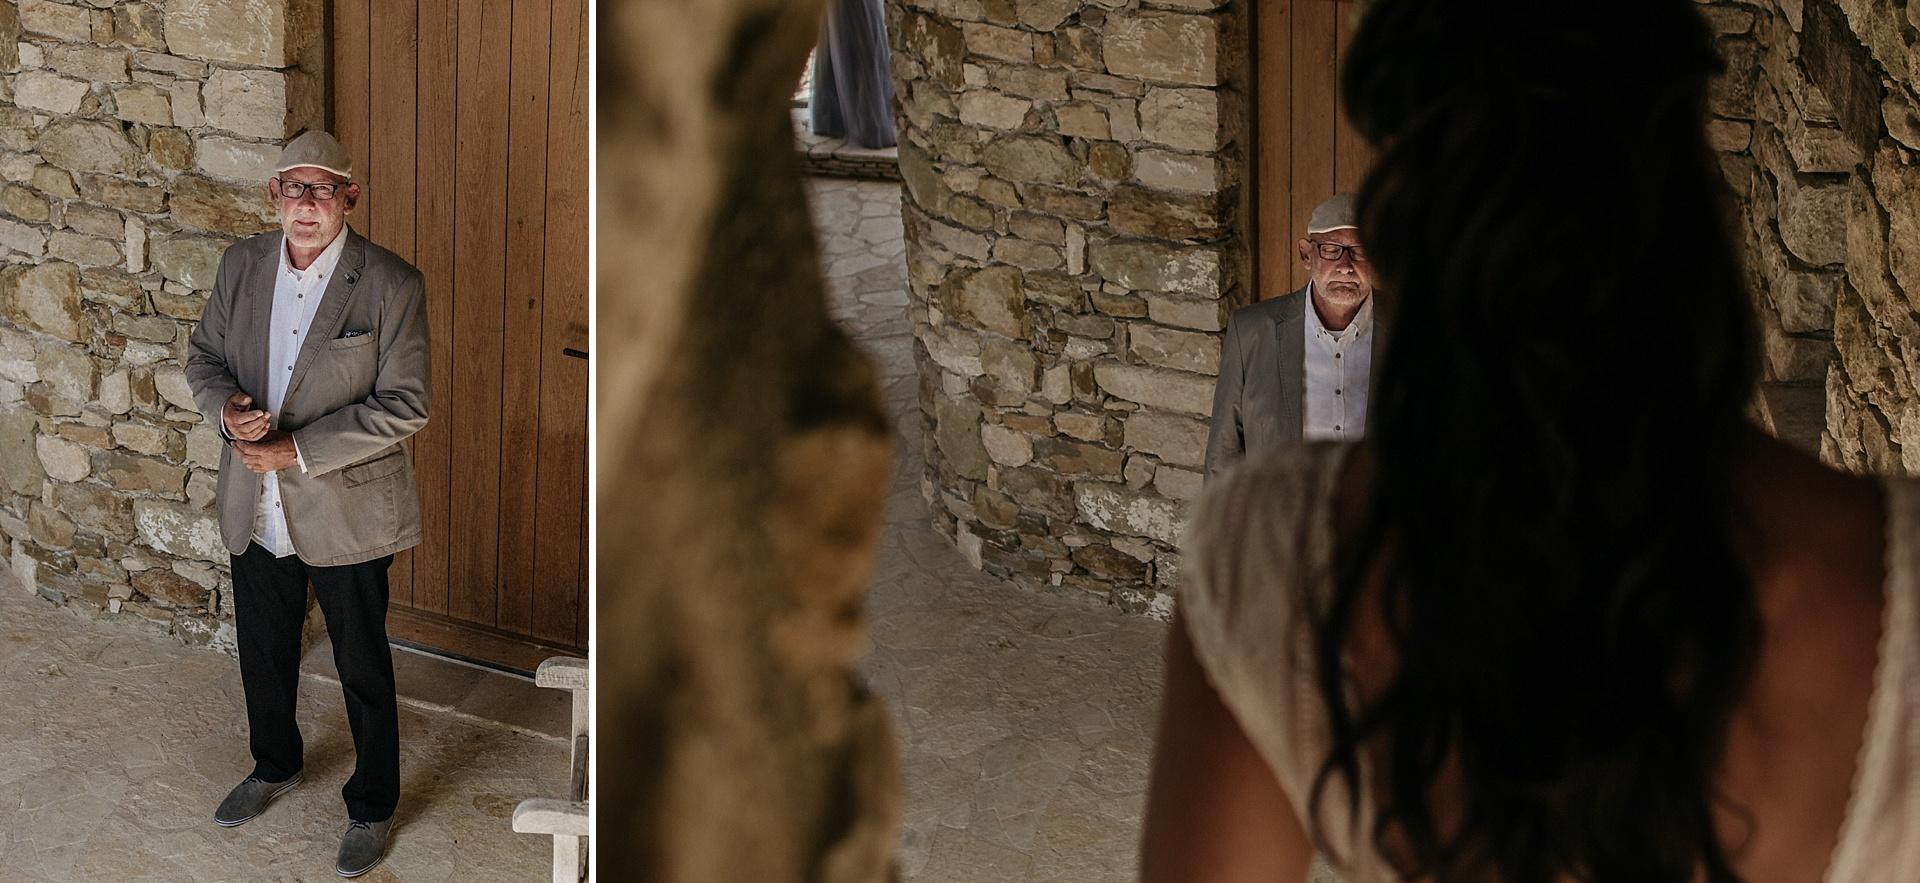 Traumhafte Hochzeit in der Provence. Der Brautvater sieht seine Tochter zum ersten Mal im Brautkleid und ist zutiefst gerührt.